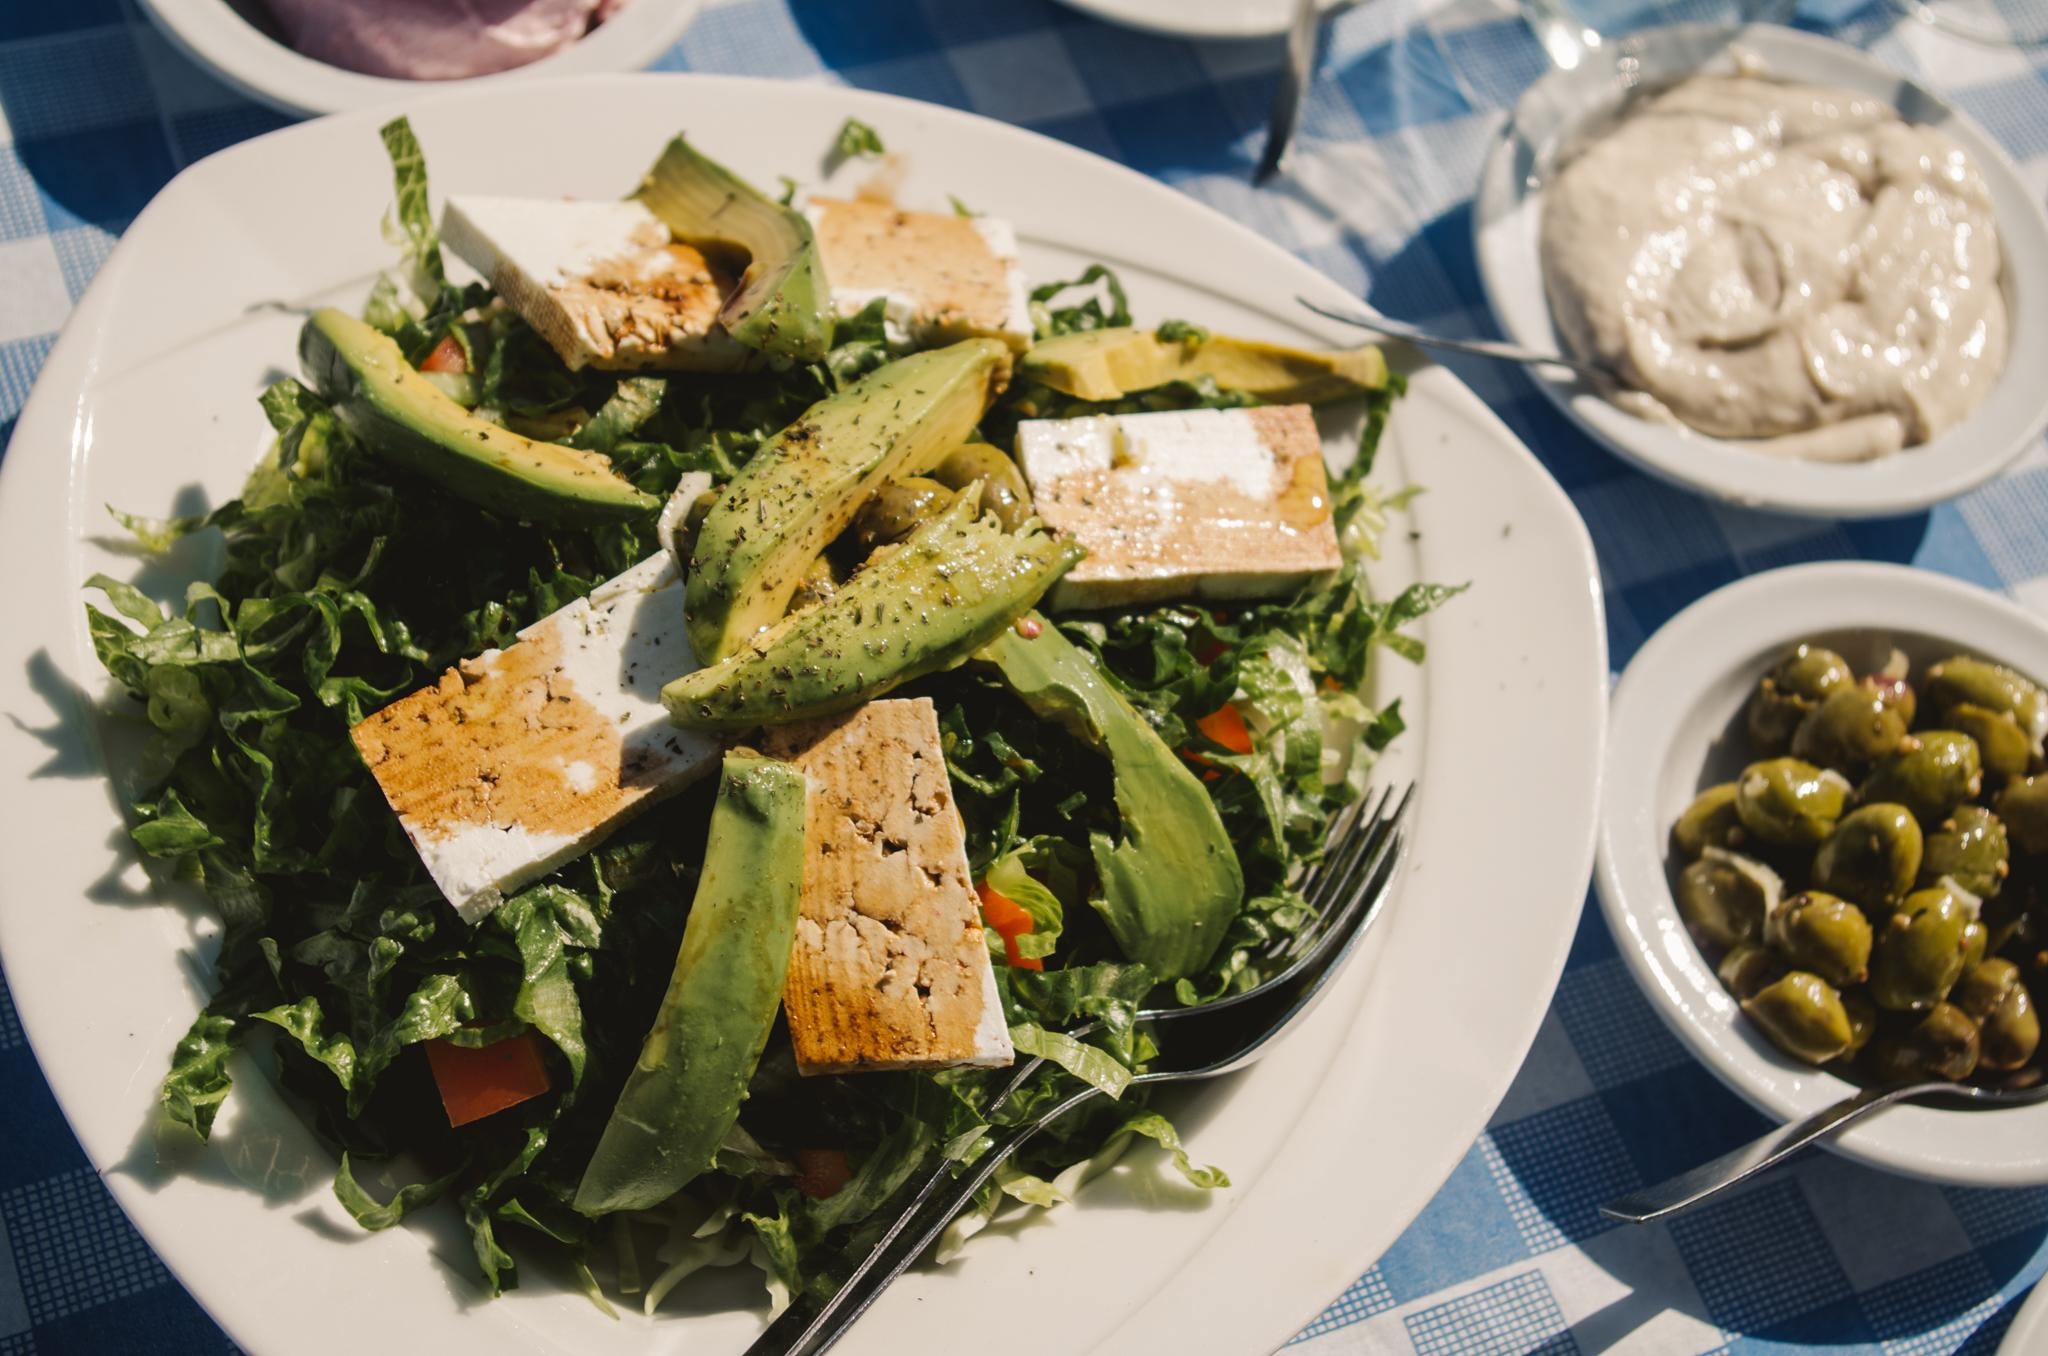 meze-co-zjeść-na-cyprze